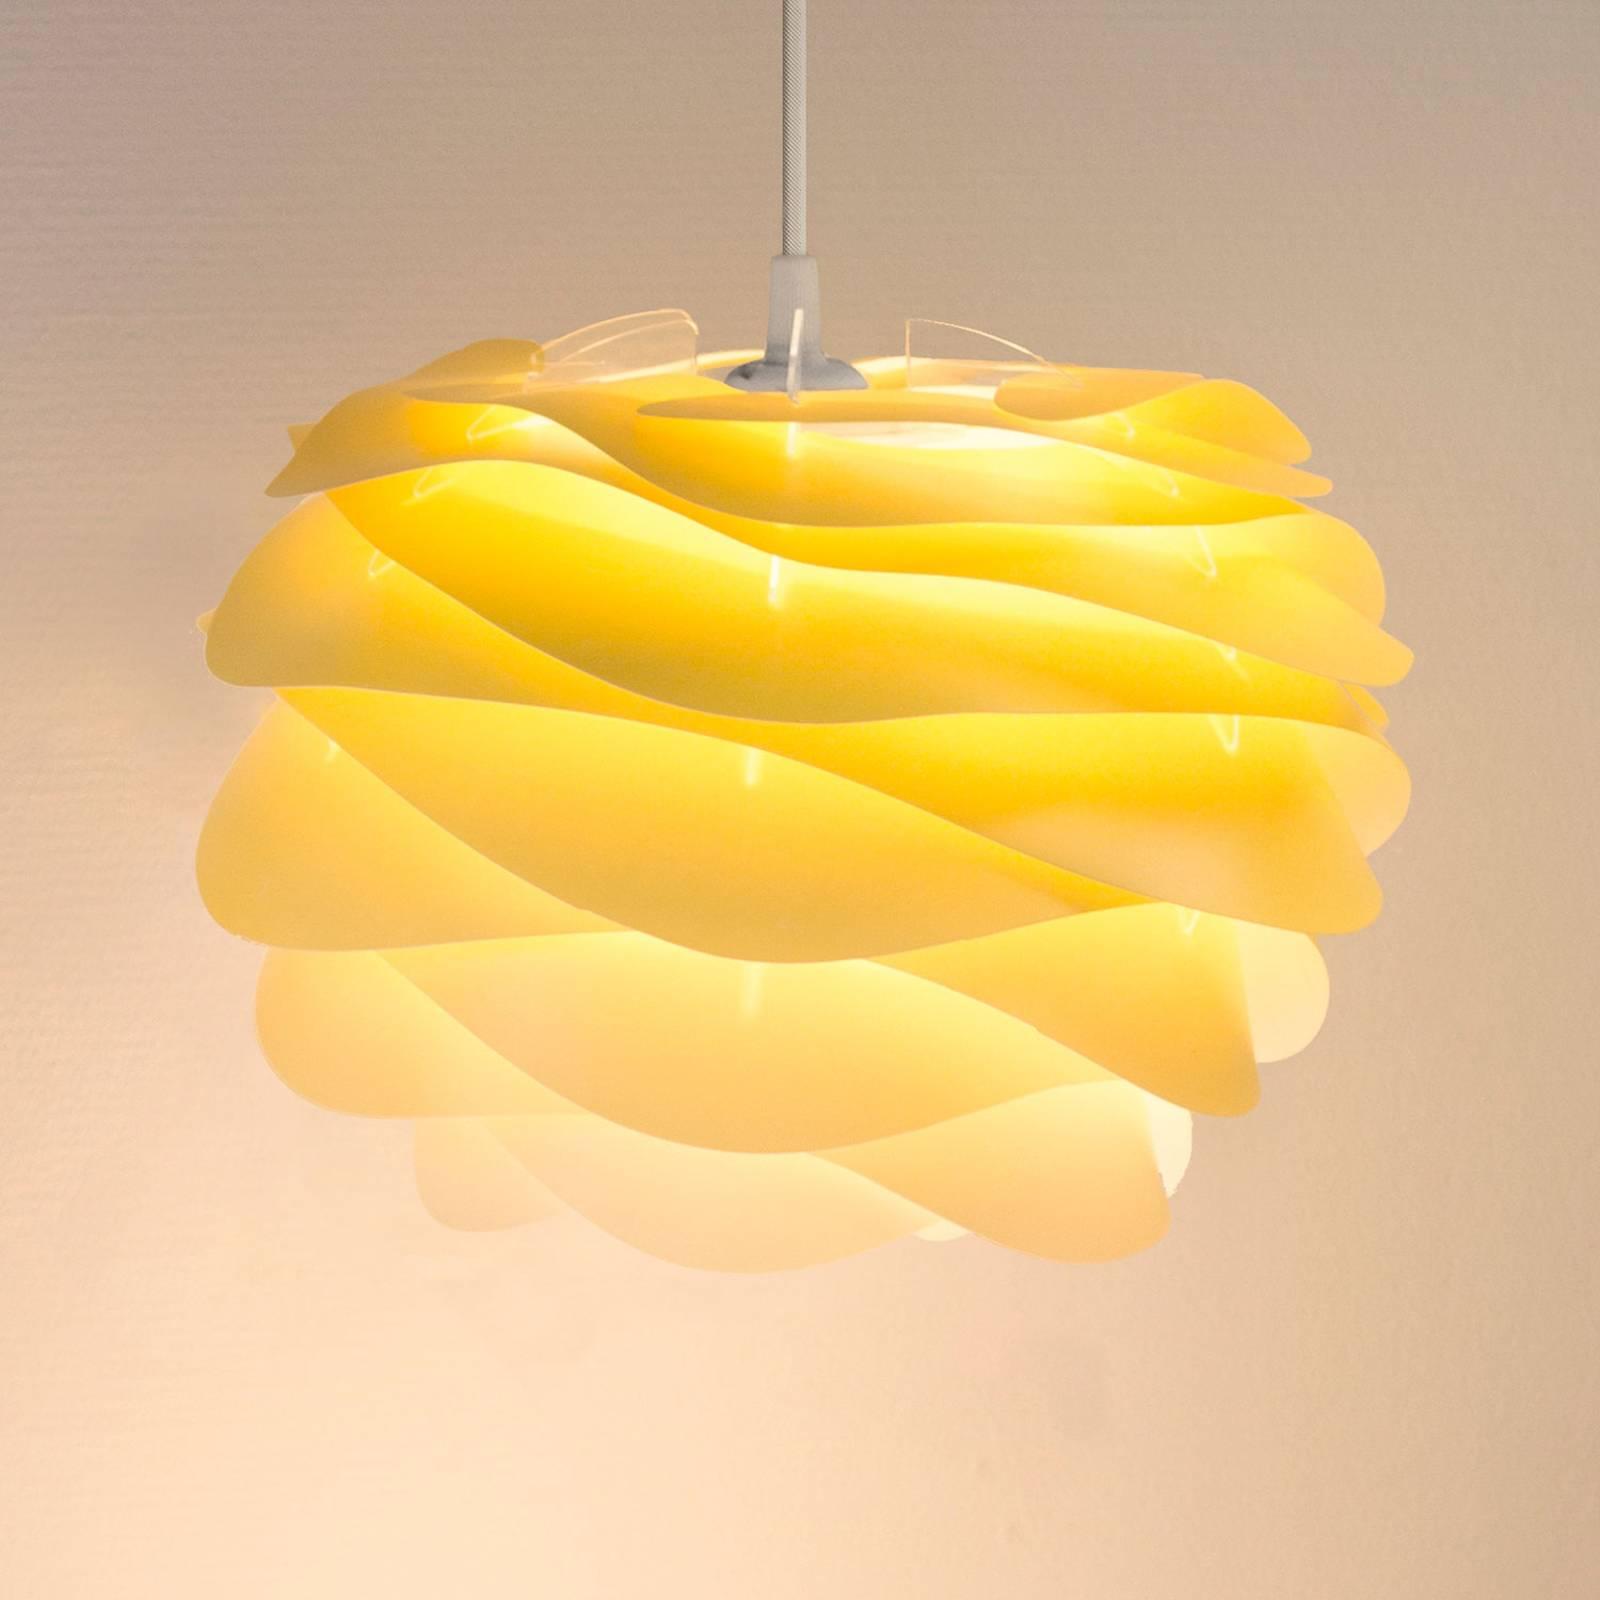 UMAGE Carmina Mini hanglamp geel/kabel wit